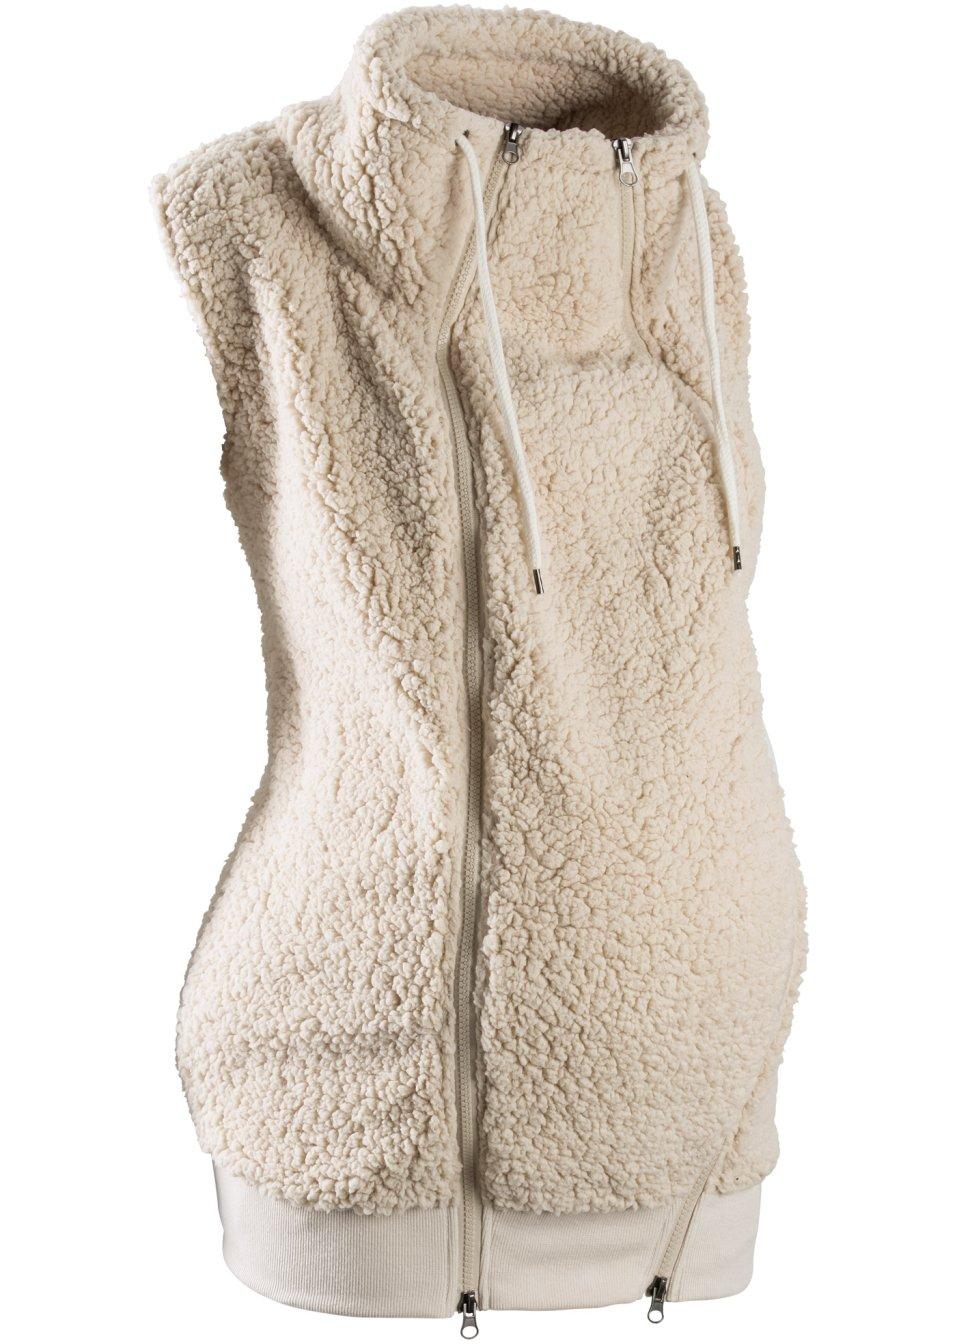 gilet de grossesse sans manches en polaire peluche avec empi cement pour b b beige galet bpc. Black Bedroom Furniture Sets. Home Design Ideas